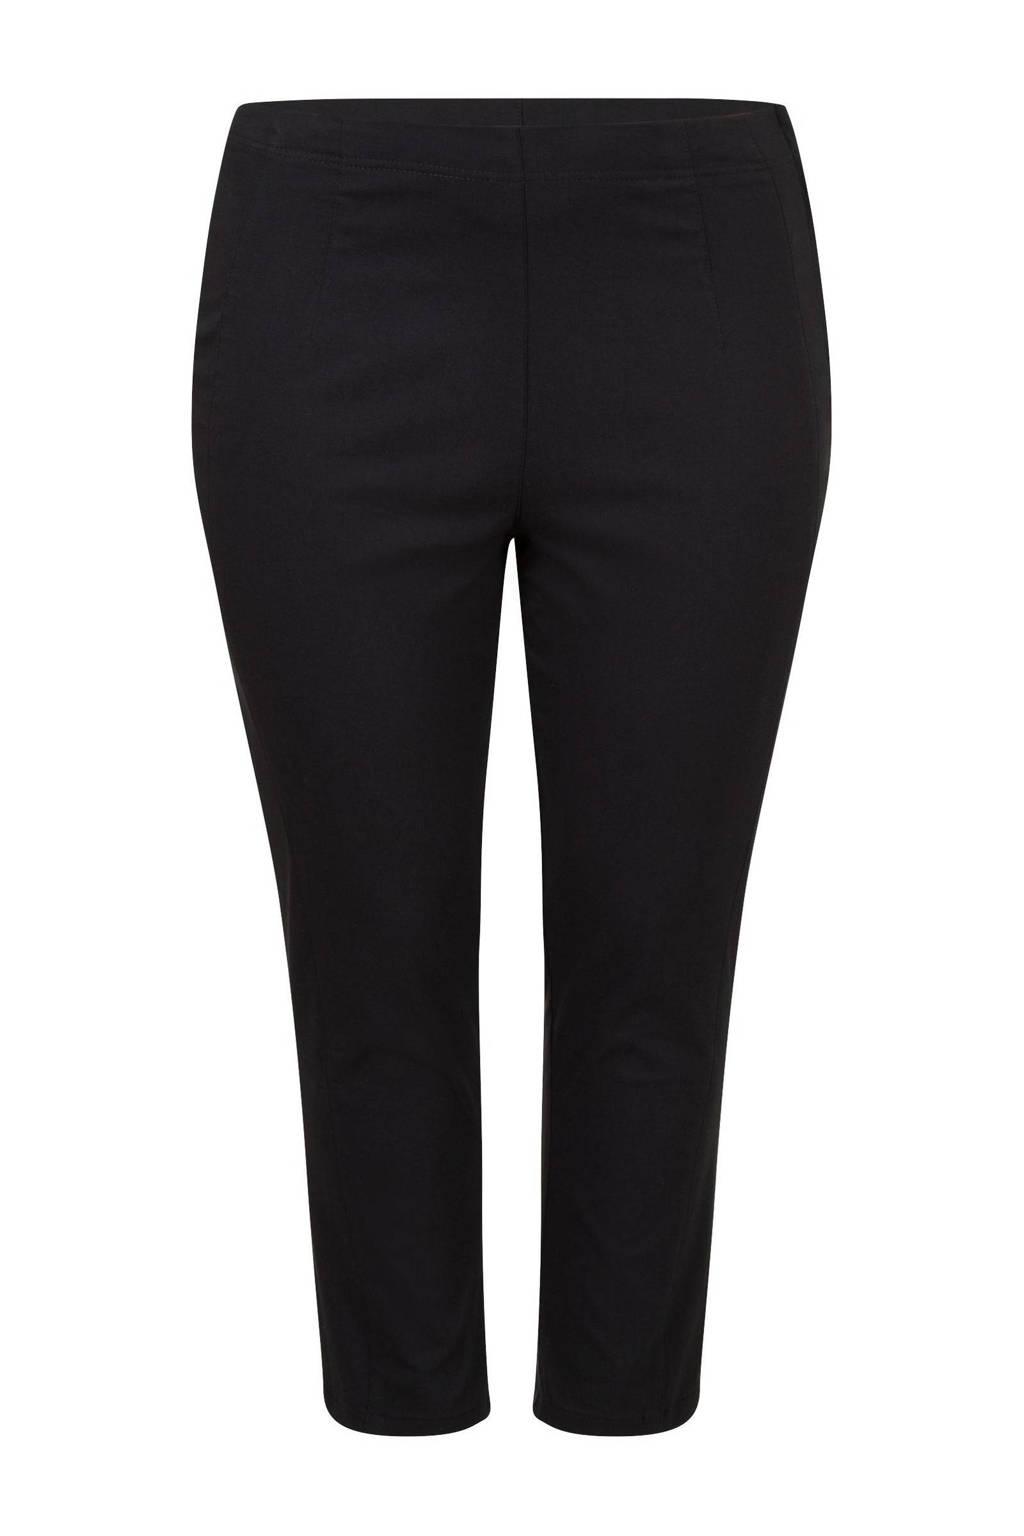 Miss Etam Plus cropped high waist slim fit tregging zwart, Zwart